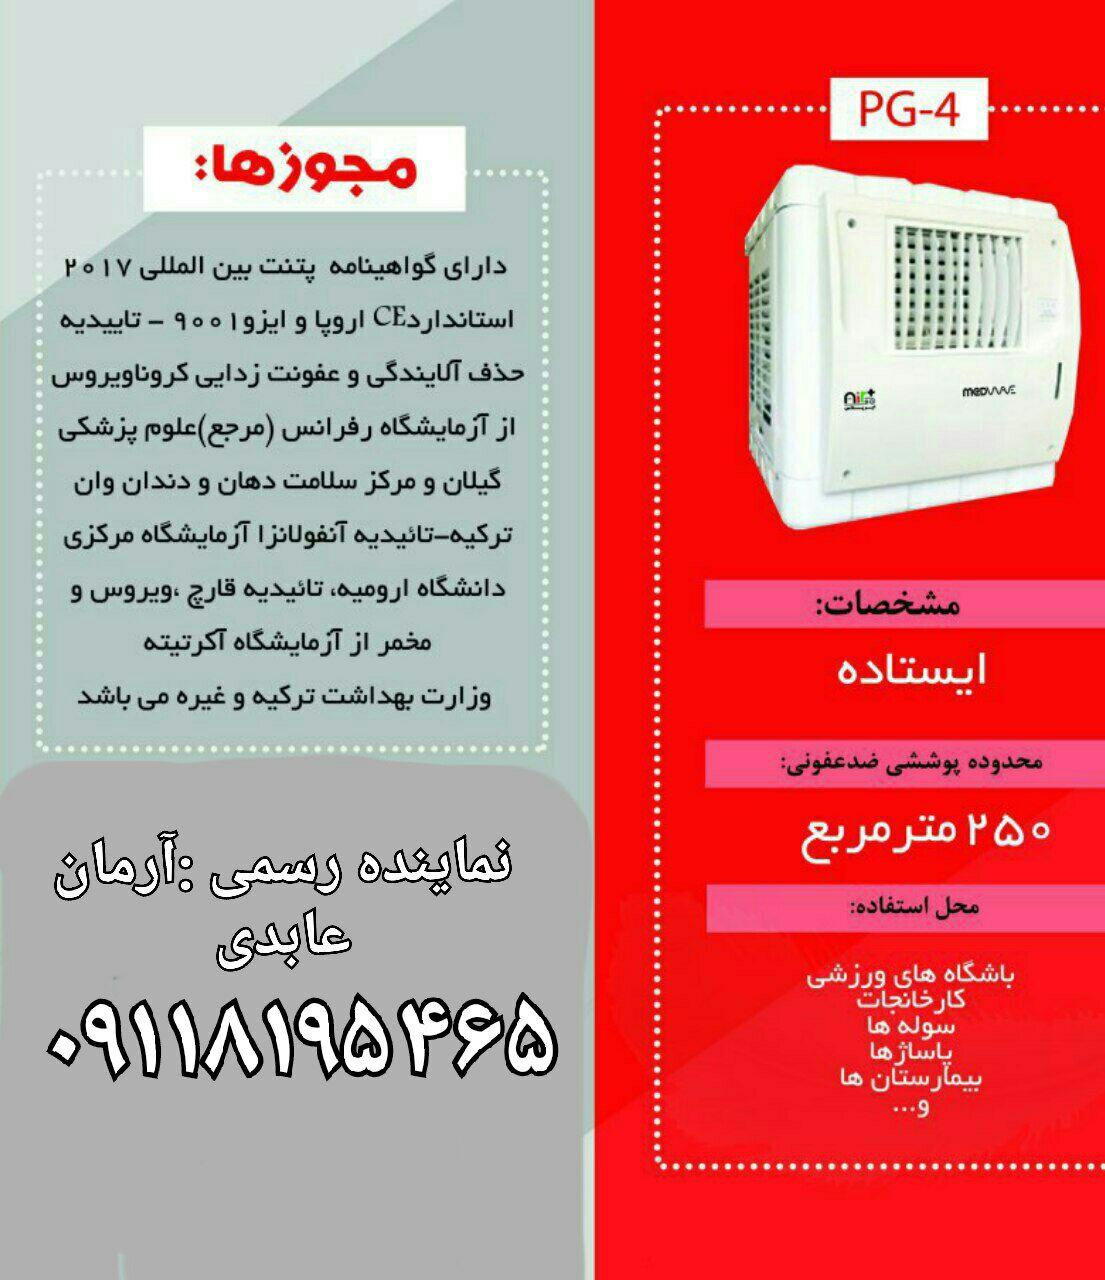 شرکت دانش بنیان پارسی گیل